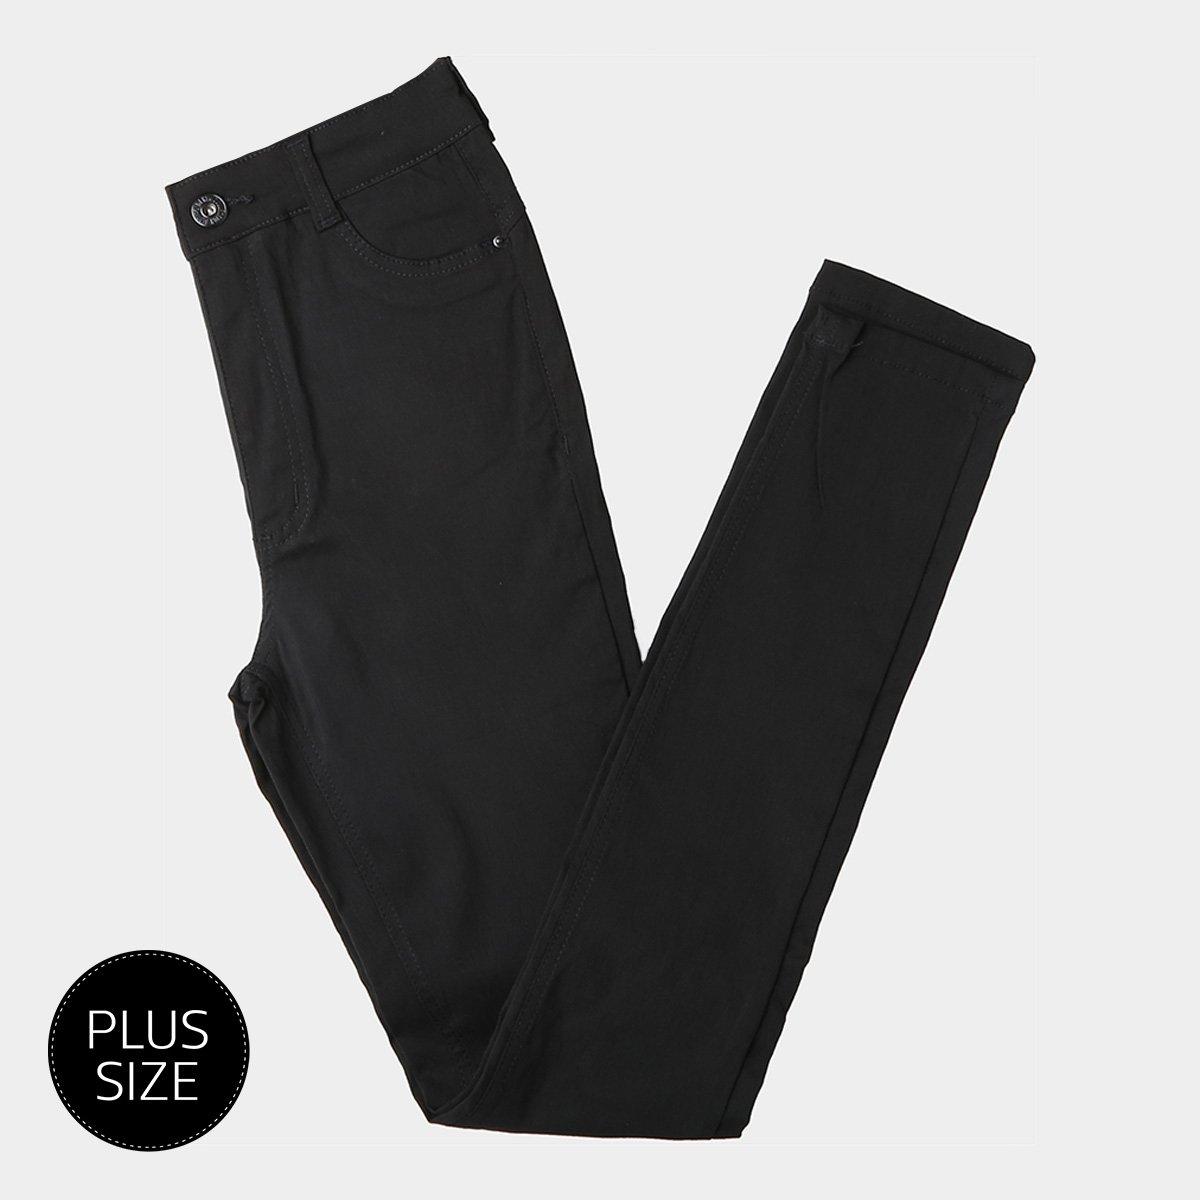 817c285d0 Calça Skinny Biotipo Bengaline Plus Size Feminina | Zattini